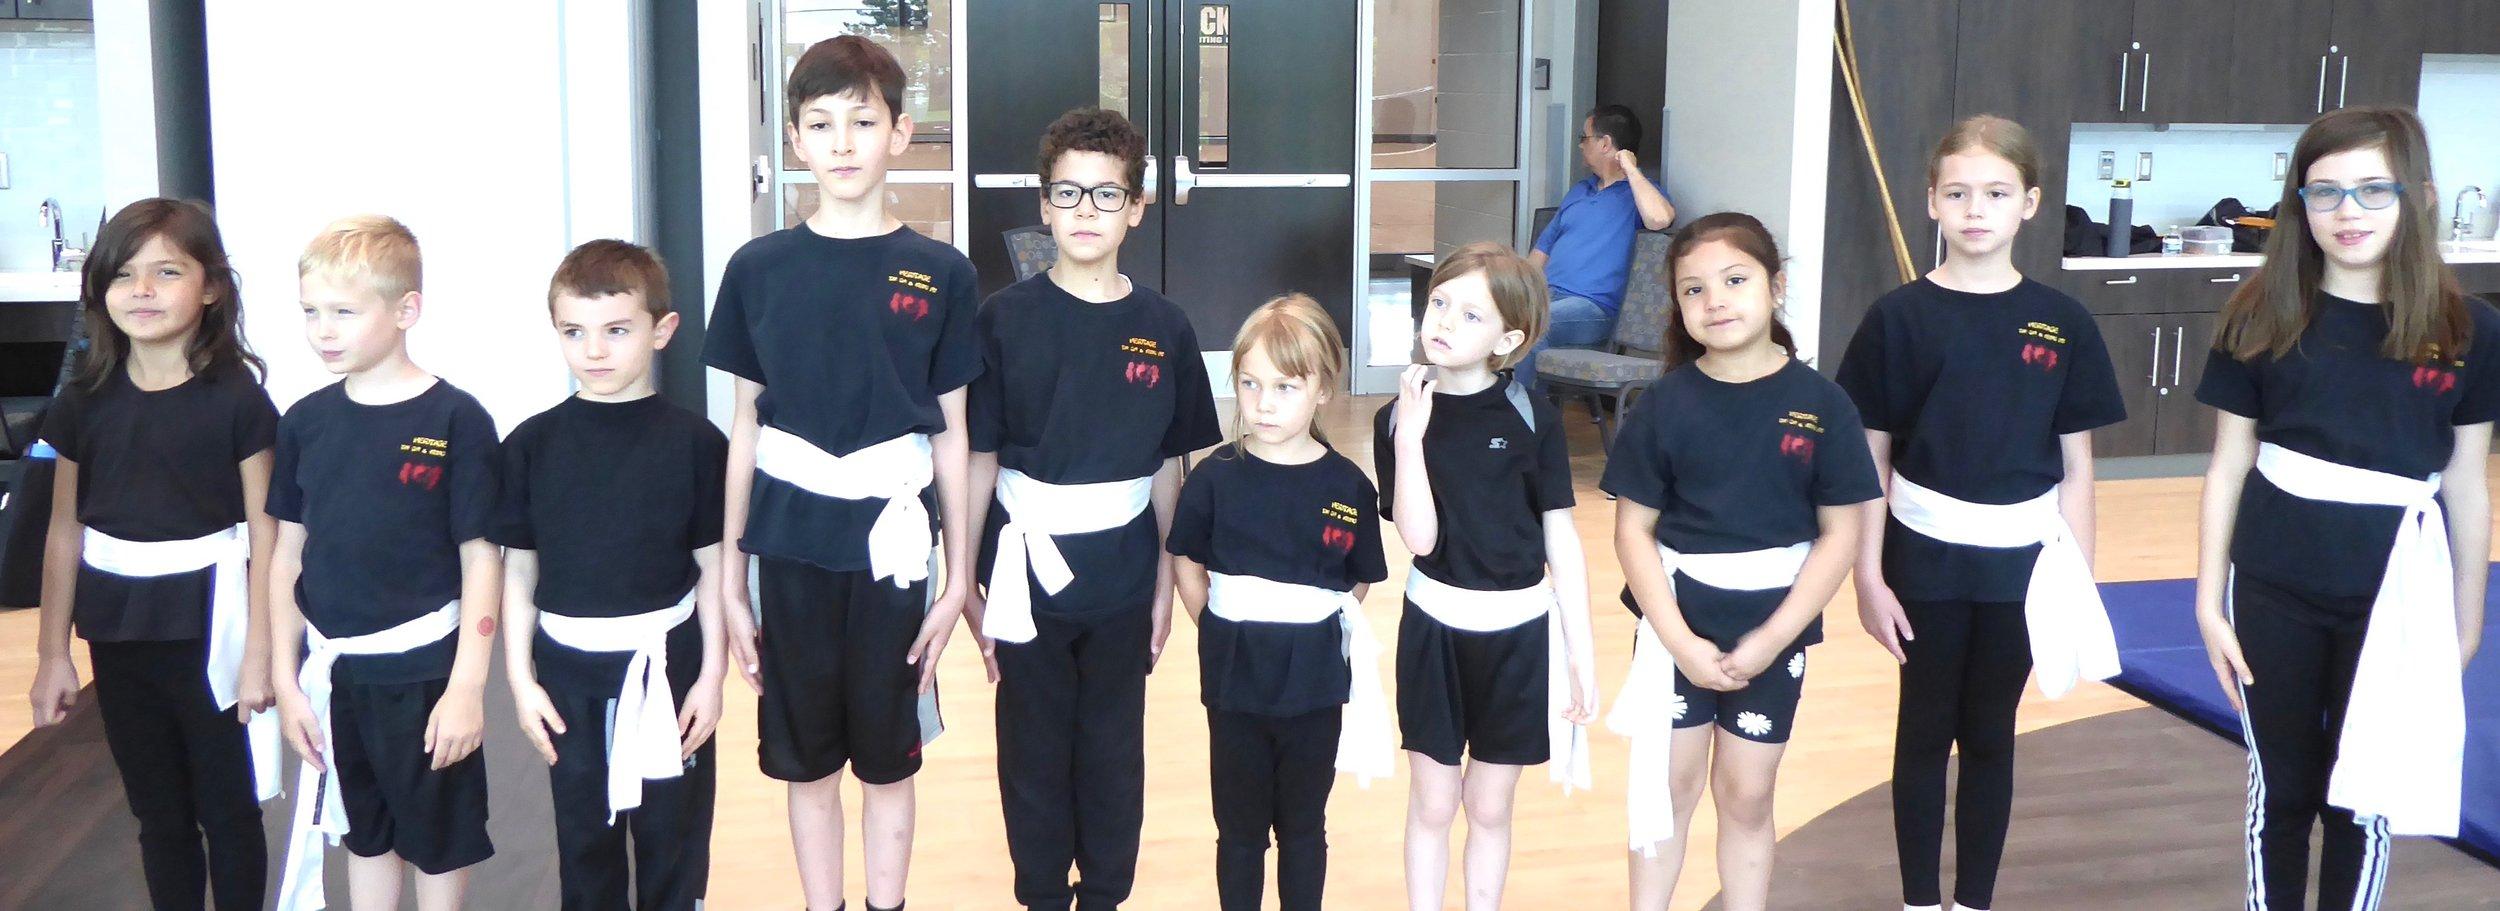 Kids Kung Fu class, Aurora Illinois